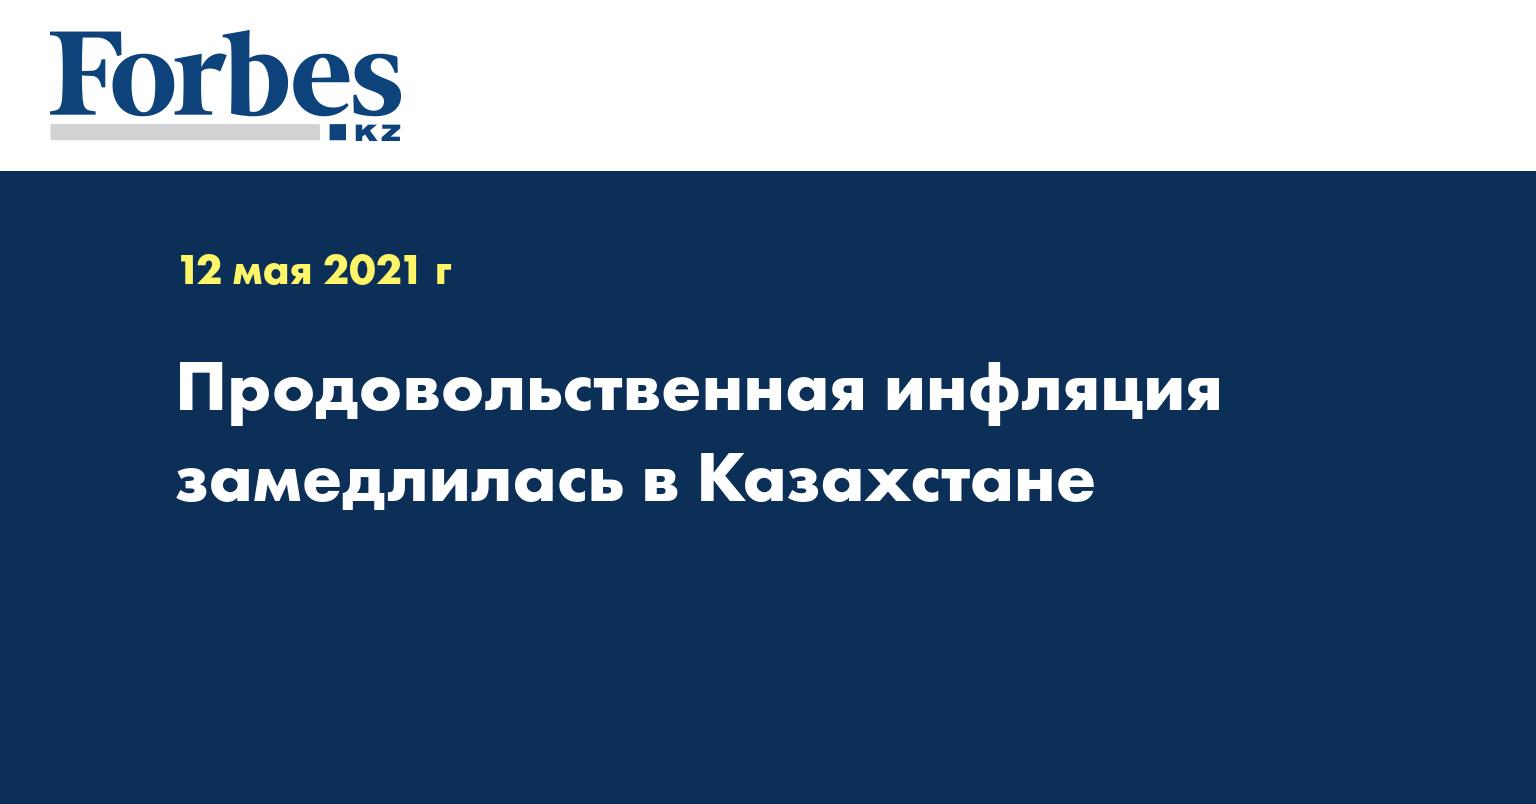 Продовольственная инфляция замедлилась в Казахстане